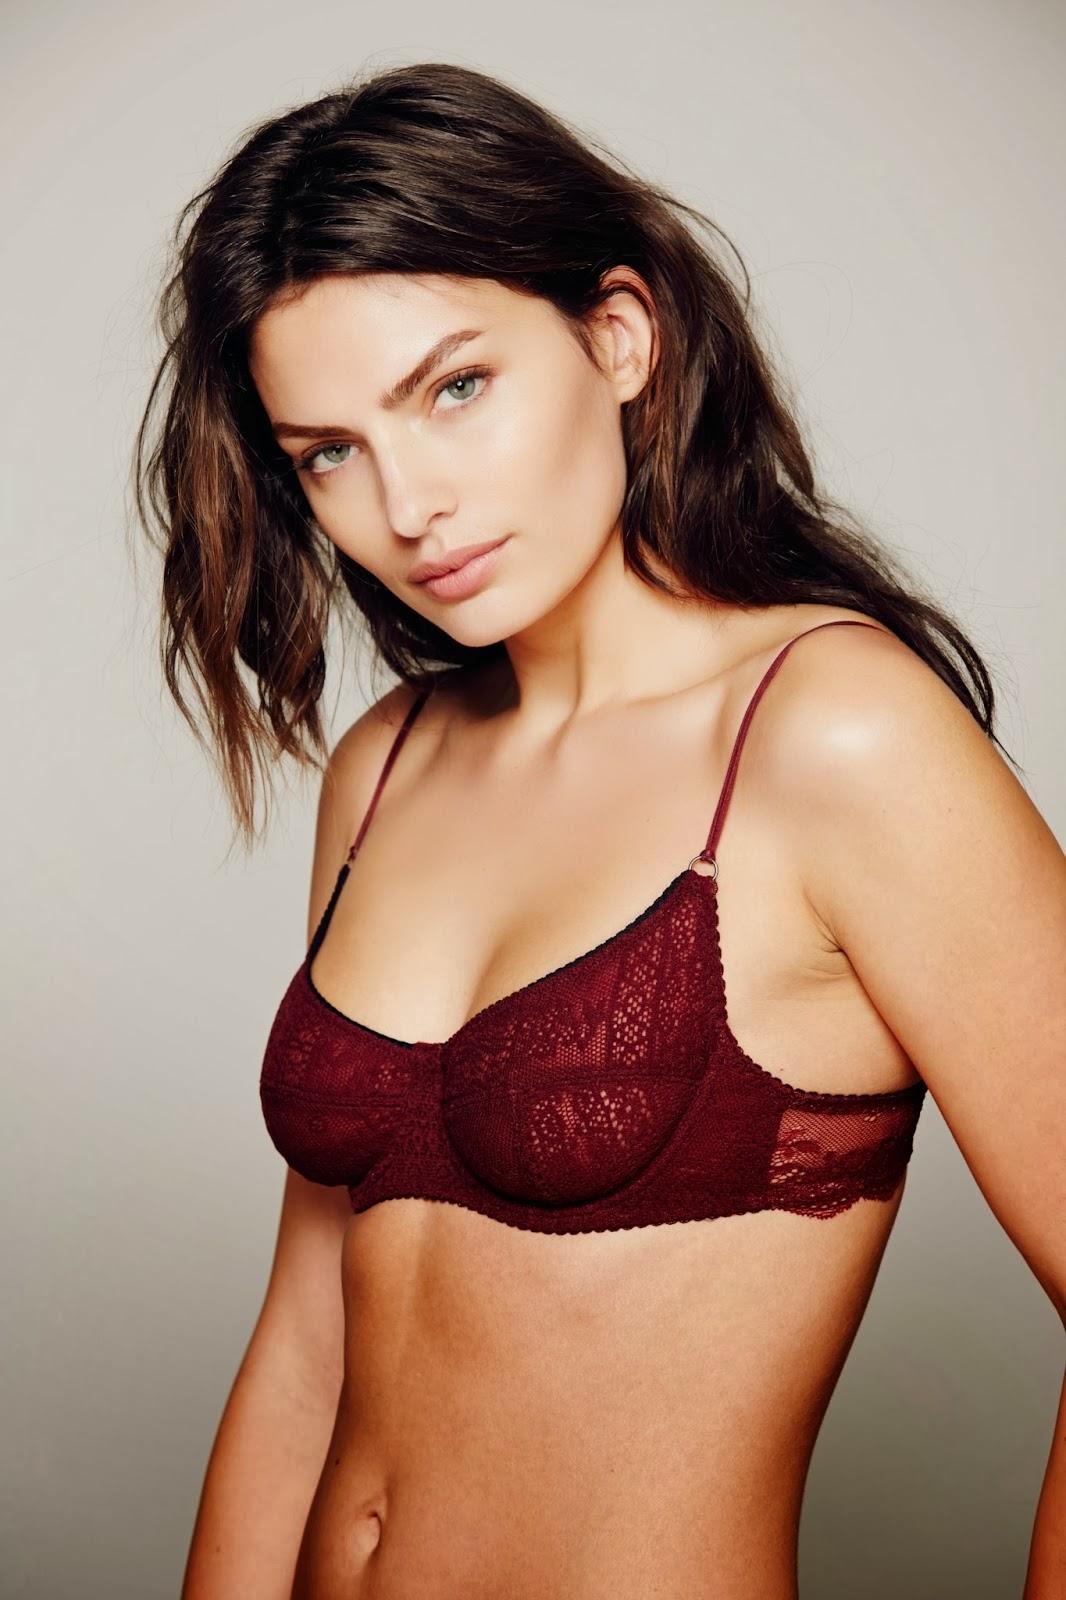 Alyssa Miller USA nude (72 photos), Tits, Bikini, Boobs, in bikini 2015